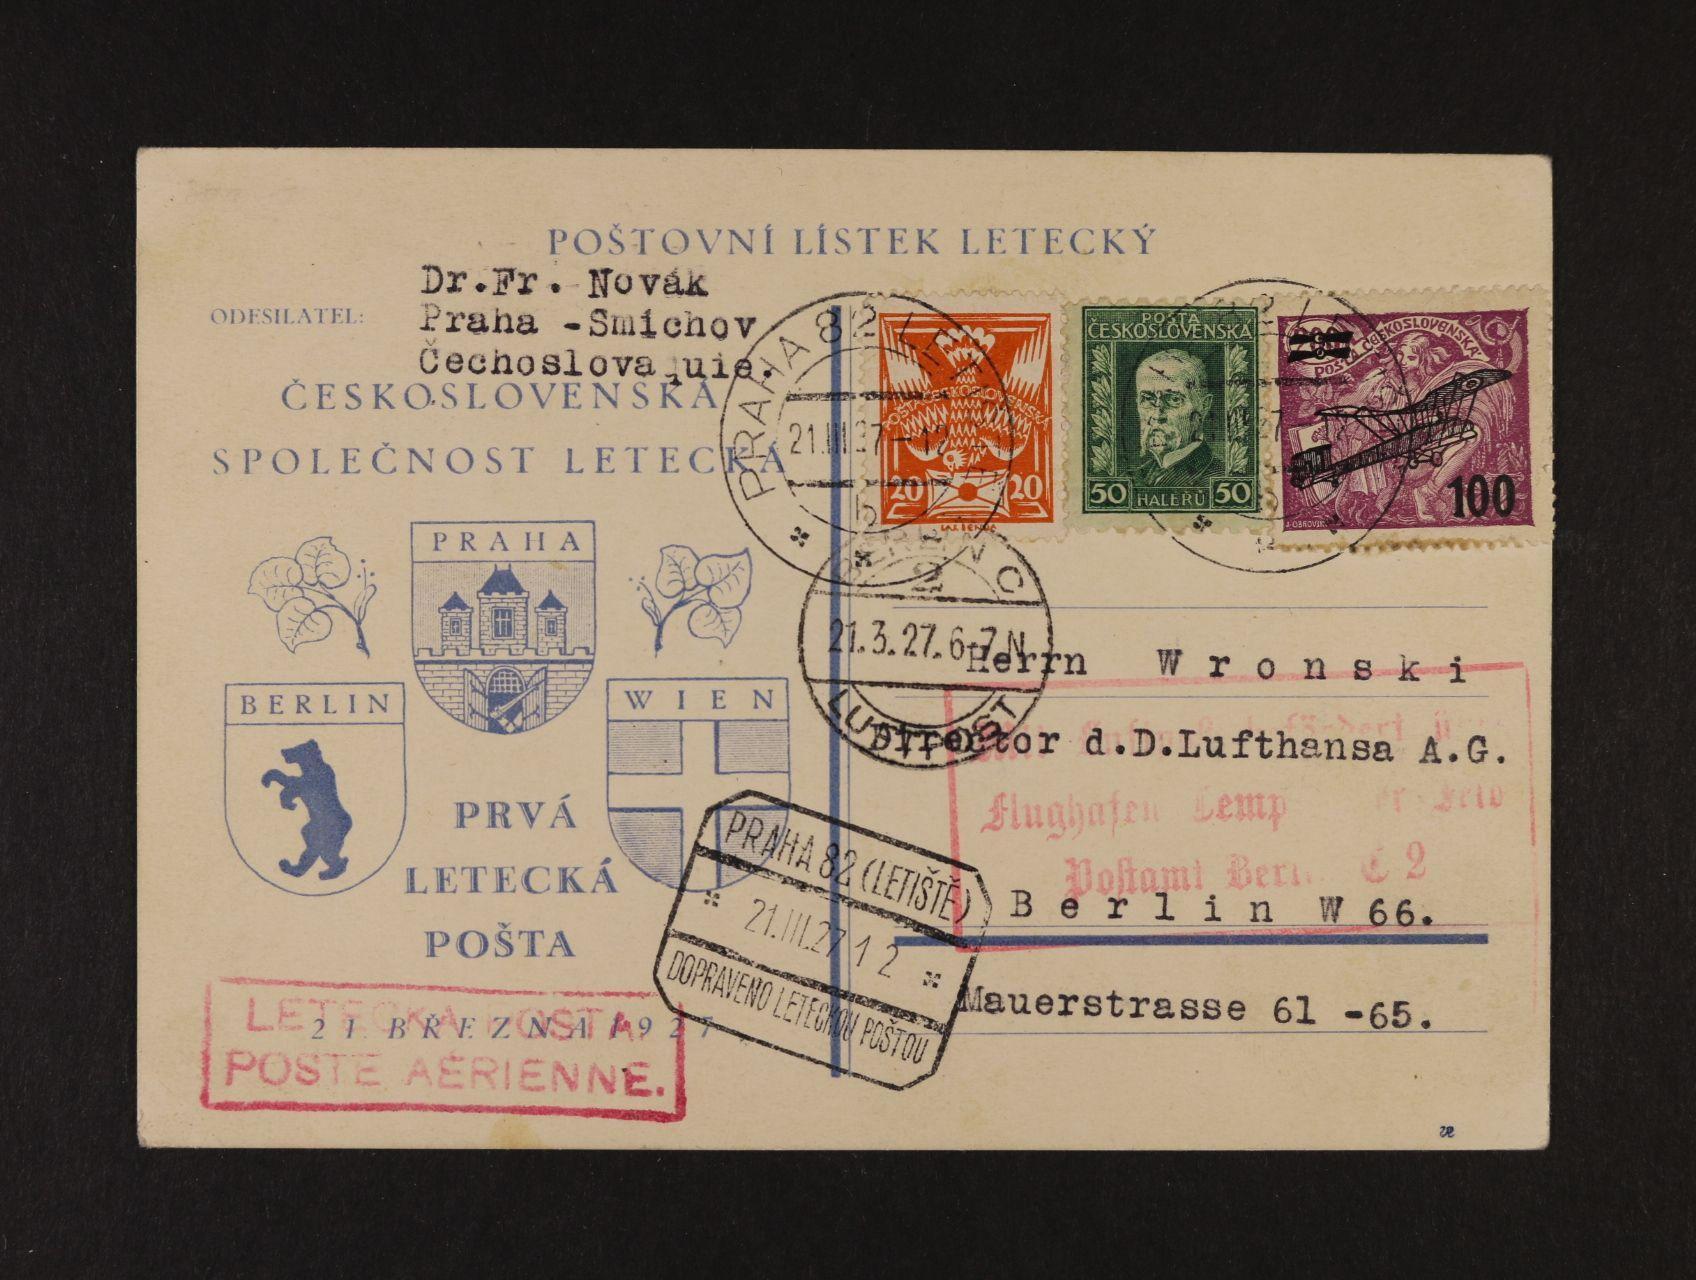 spec. KL pro první let Praha - Berlín frank.mj. zn. L č. 5, pod. raz. PRAHA 82 LETIŠTĚ 21.3.27, letecký kašet + průch. a přích. raz.